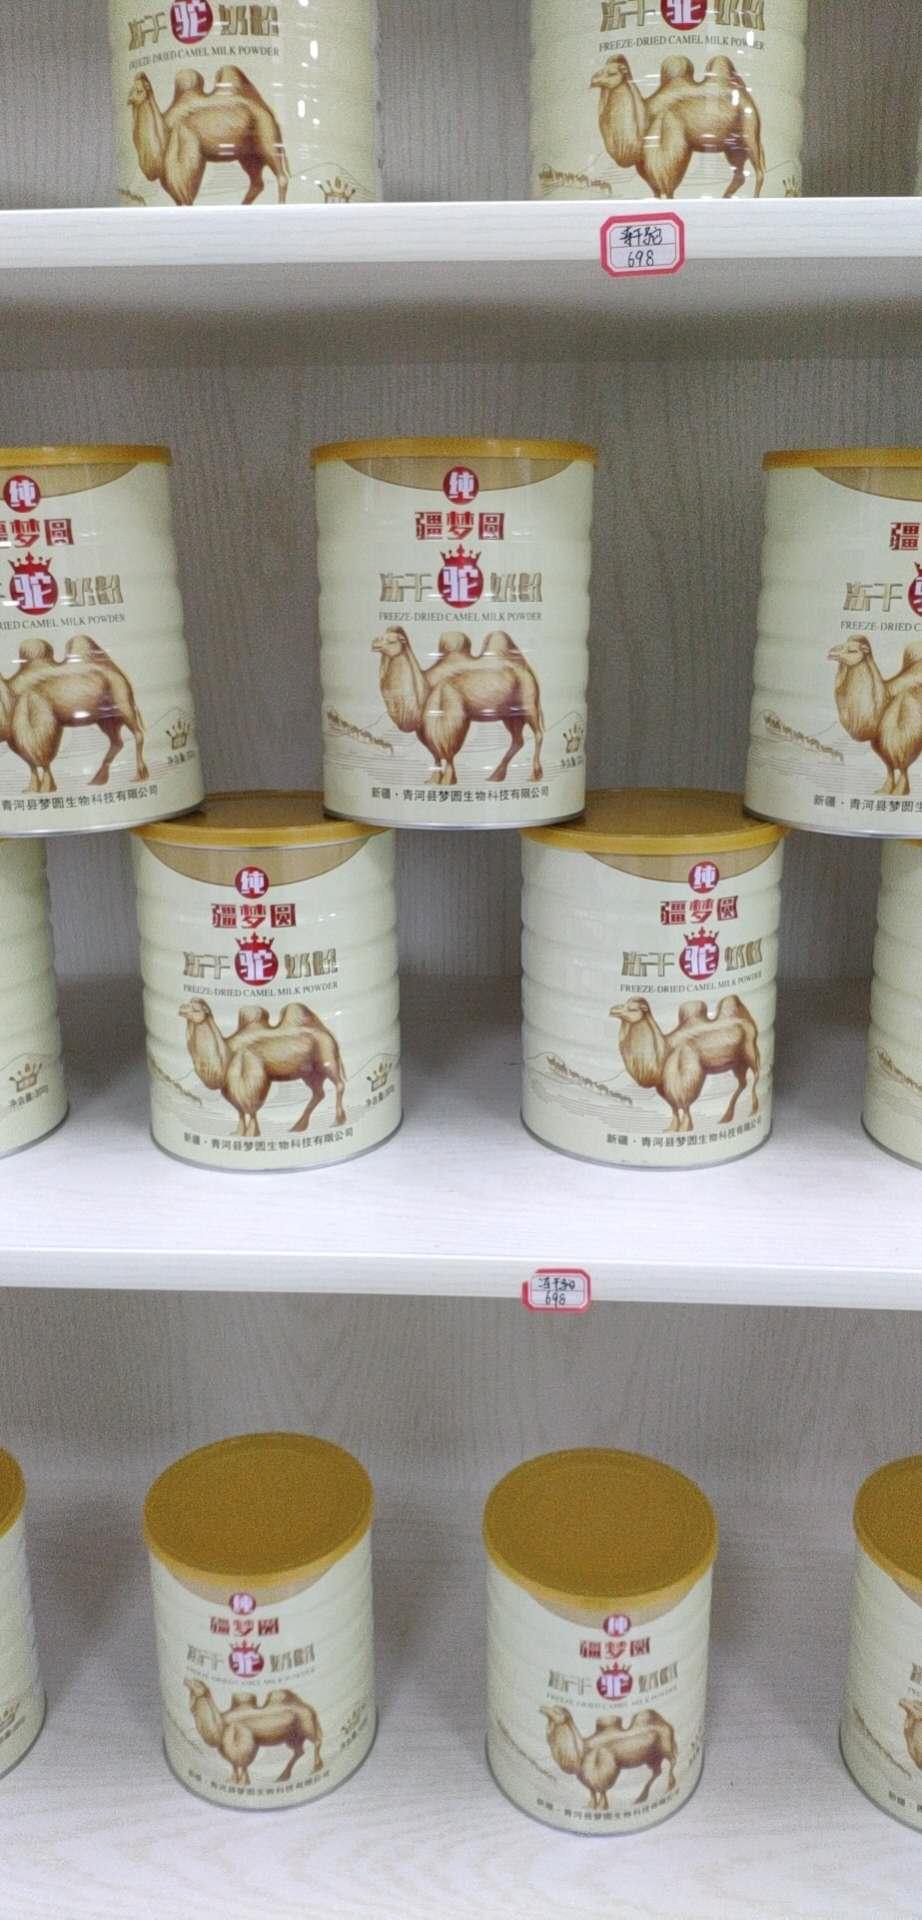 新疆乌市纯正驴奶粉哪里有 梦圆生物科技供应